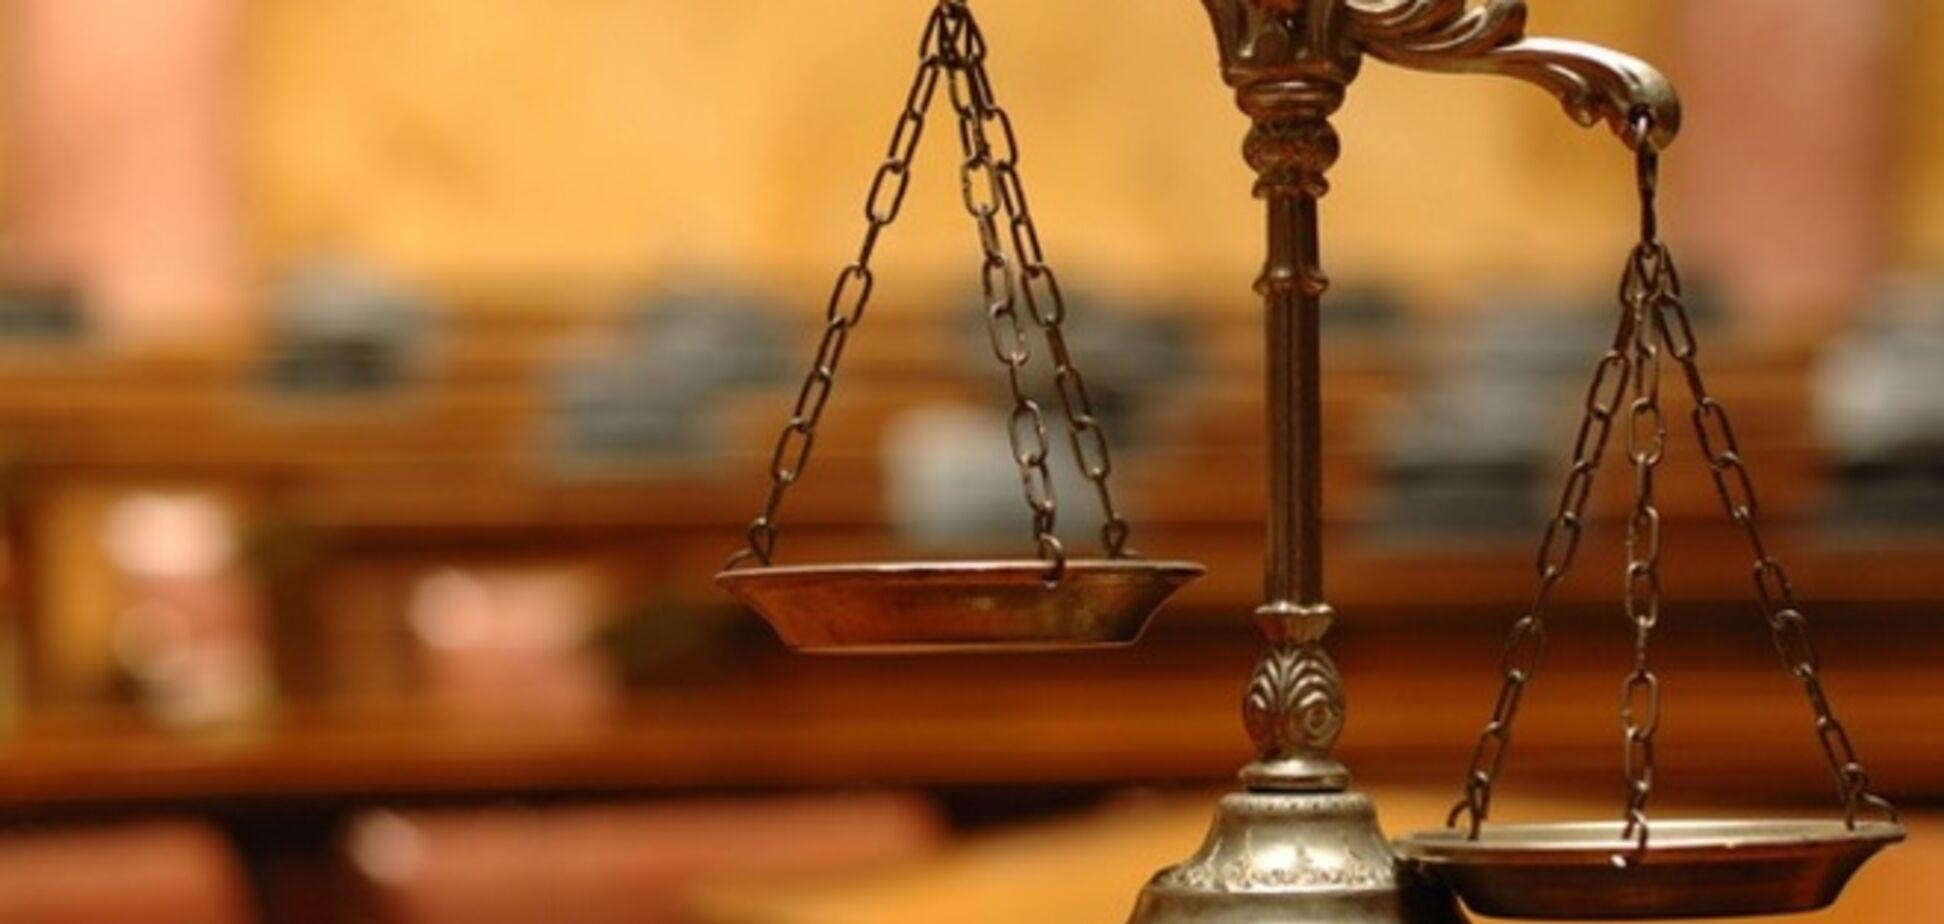 Комитет контроля госимущества потребовал люстрации двух суддей Киевского окружного админсуда